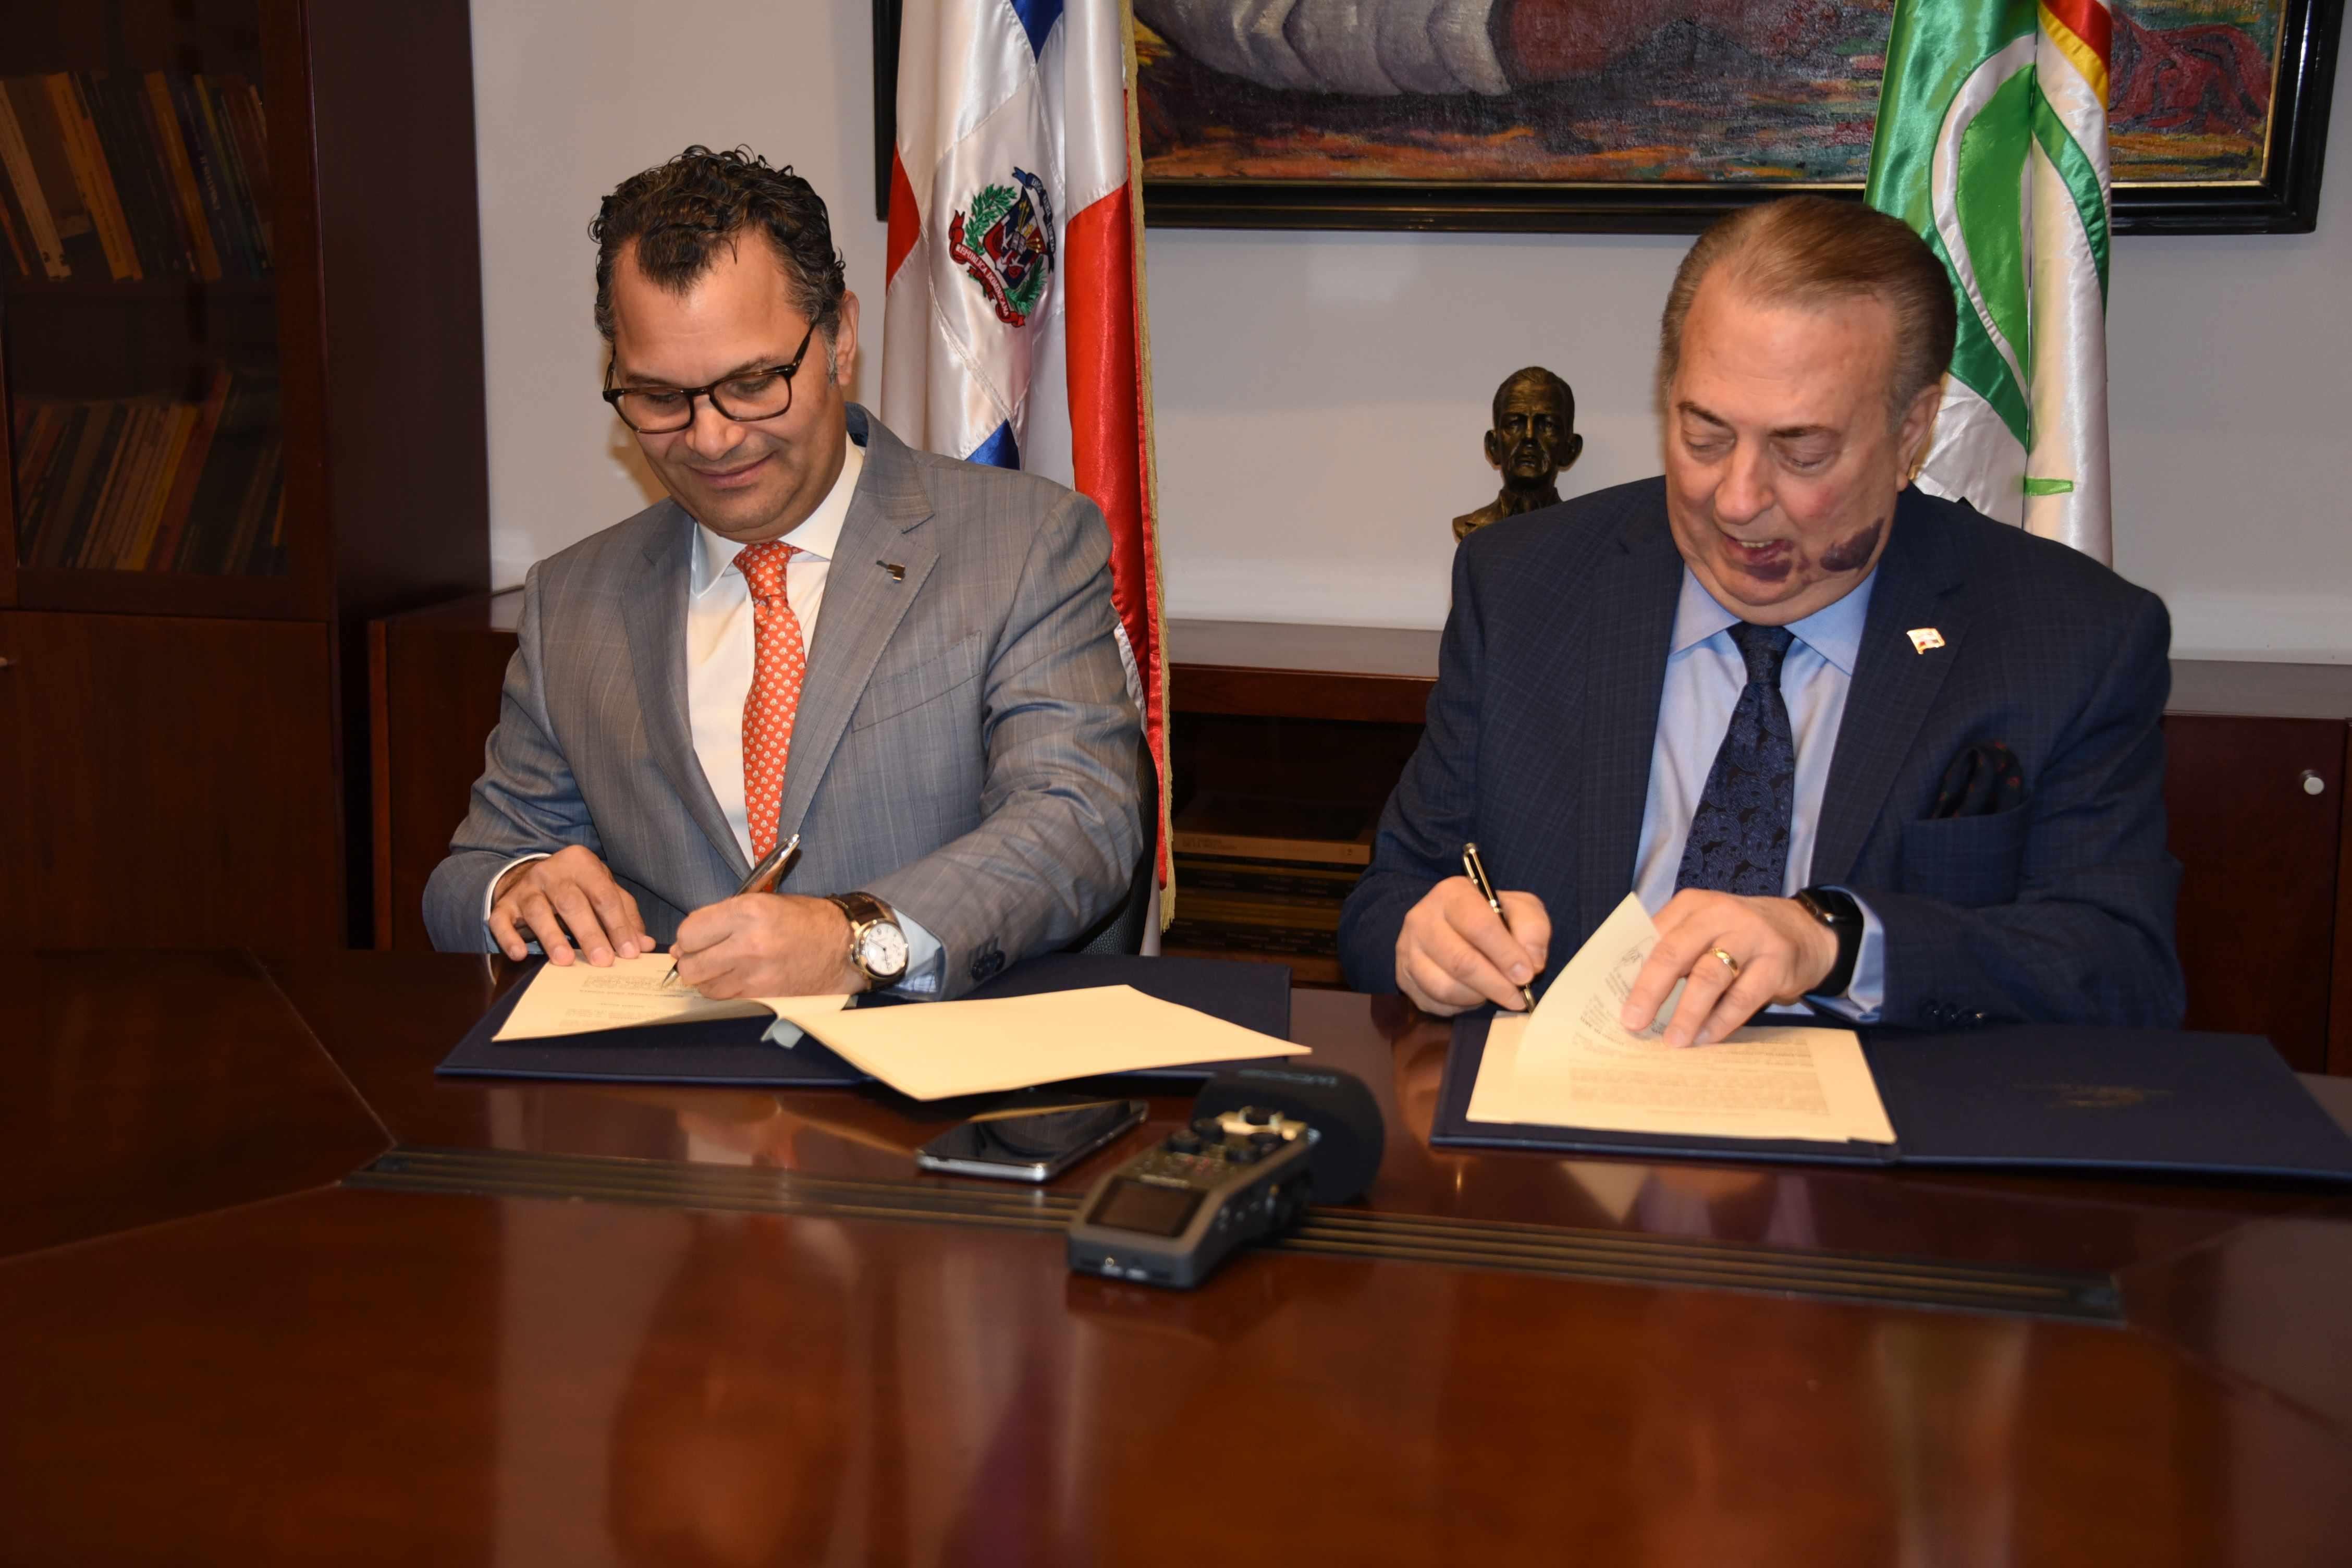 Cultura y Grupo Excel firman convenio para editar libro de obras del MAM